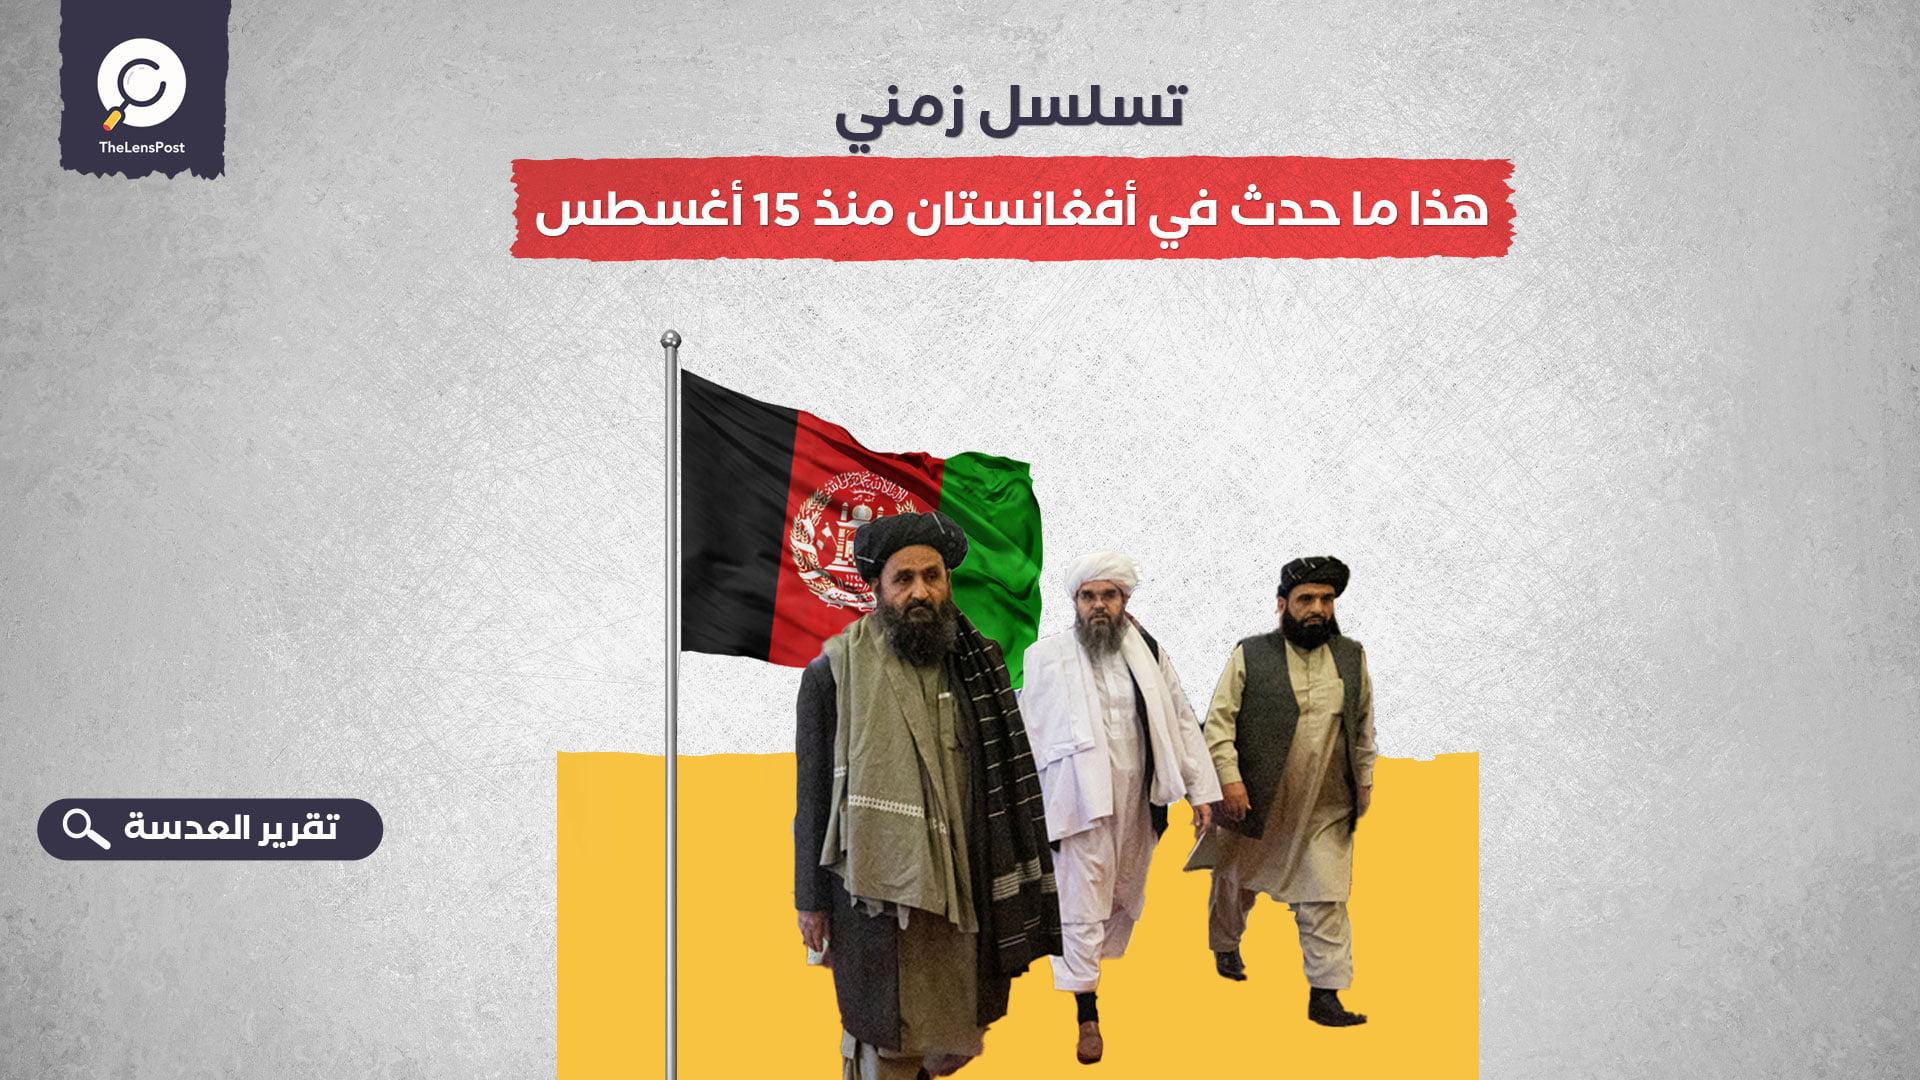 تسلسل زمني.. هذا ما حدث في أفغانستان منذ 15 أغسطس